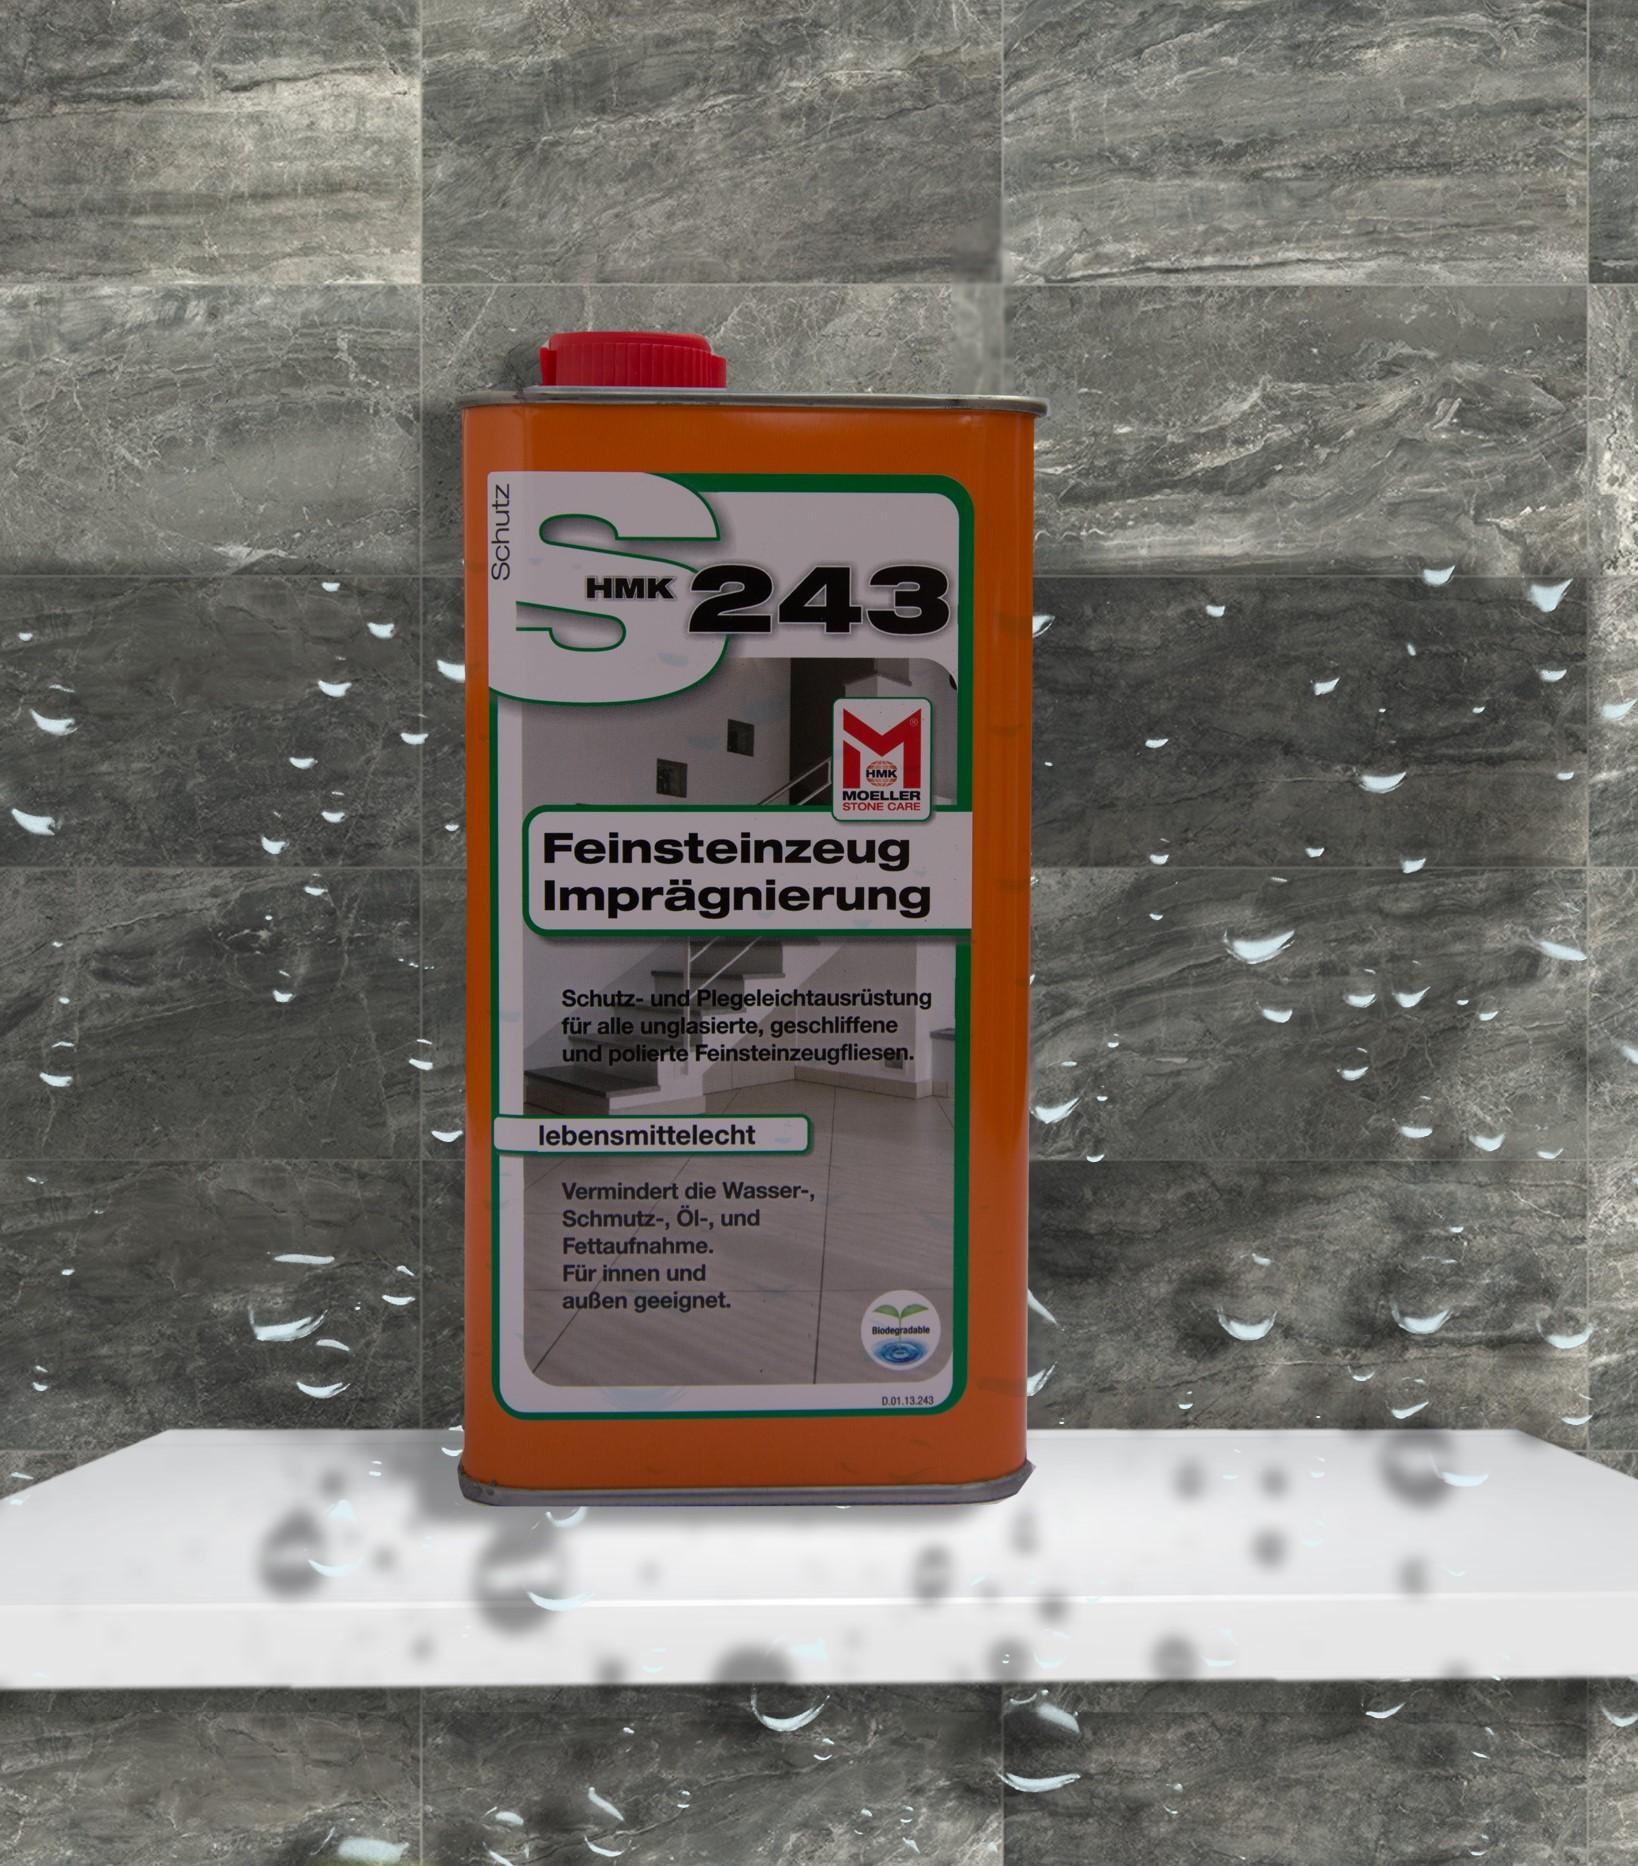 HMK S243 Feinsteinzeug-Imprägnierung